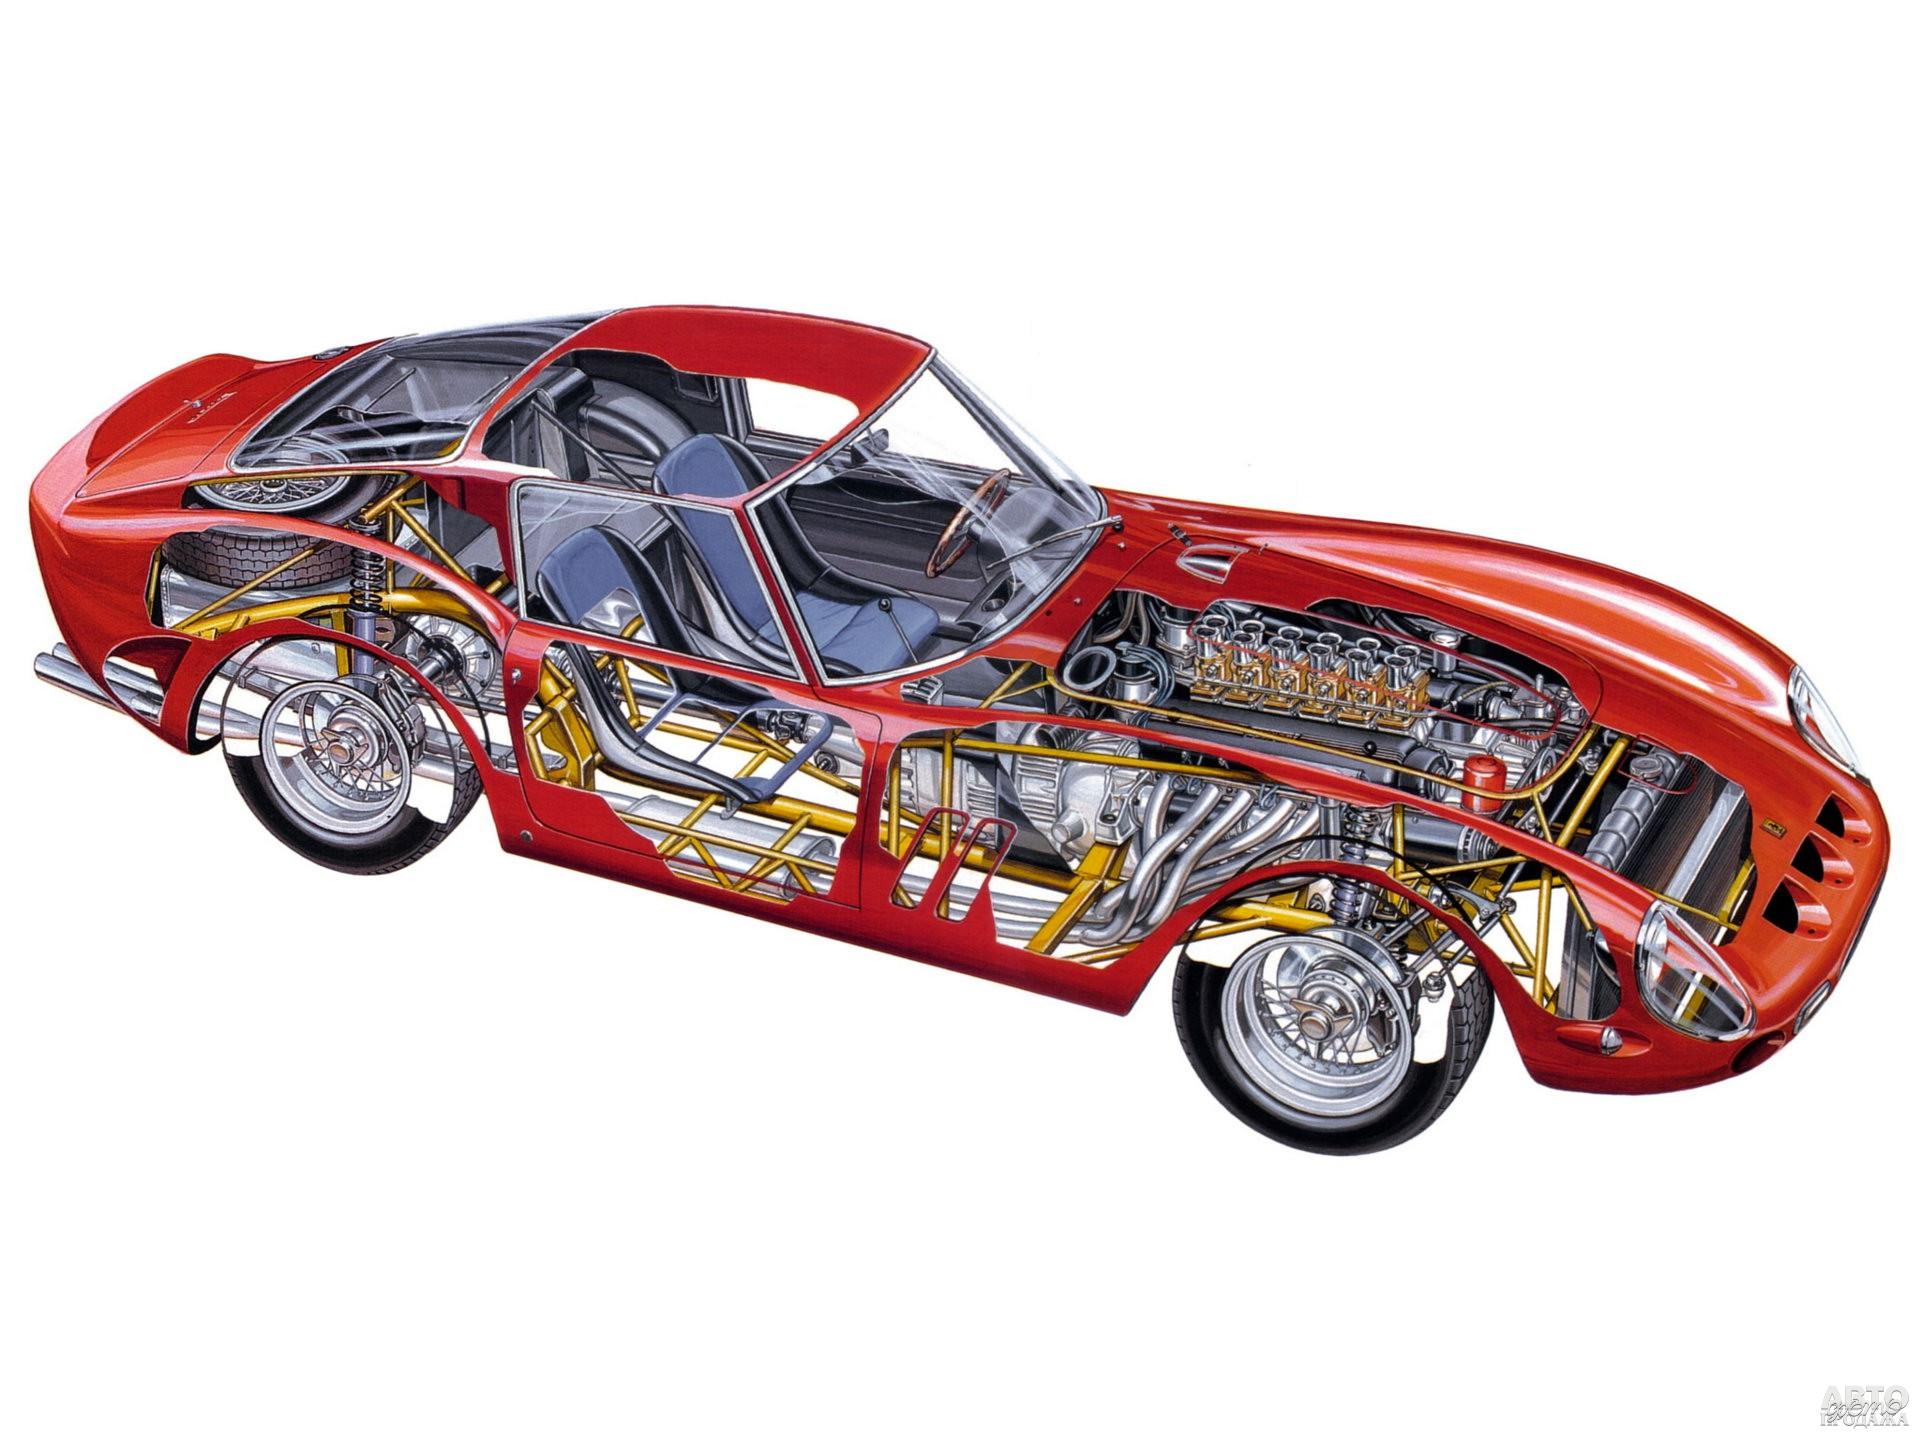 Благодаря применению алюминиевых сплавов в конструкции вес купе составил всего 878 кг